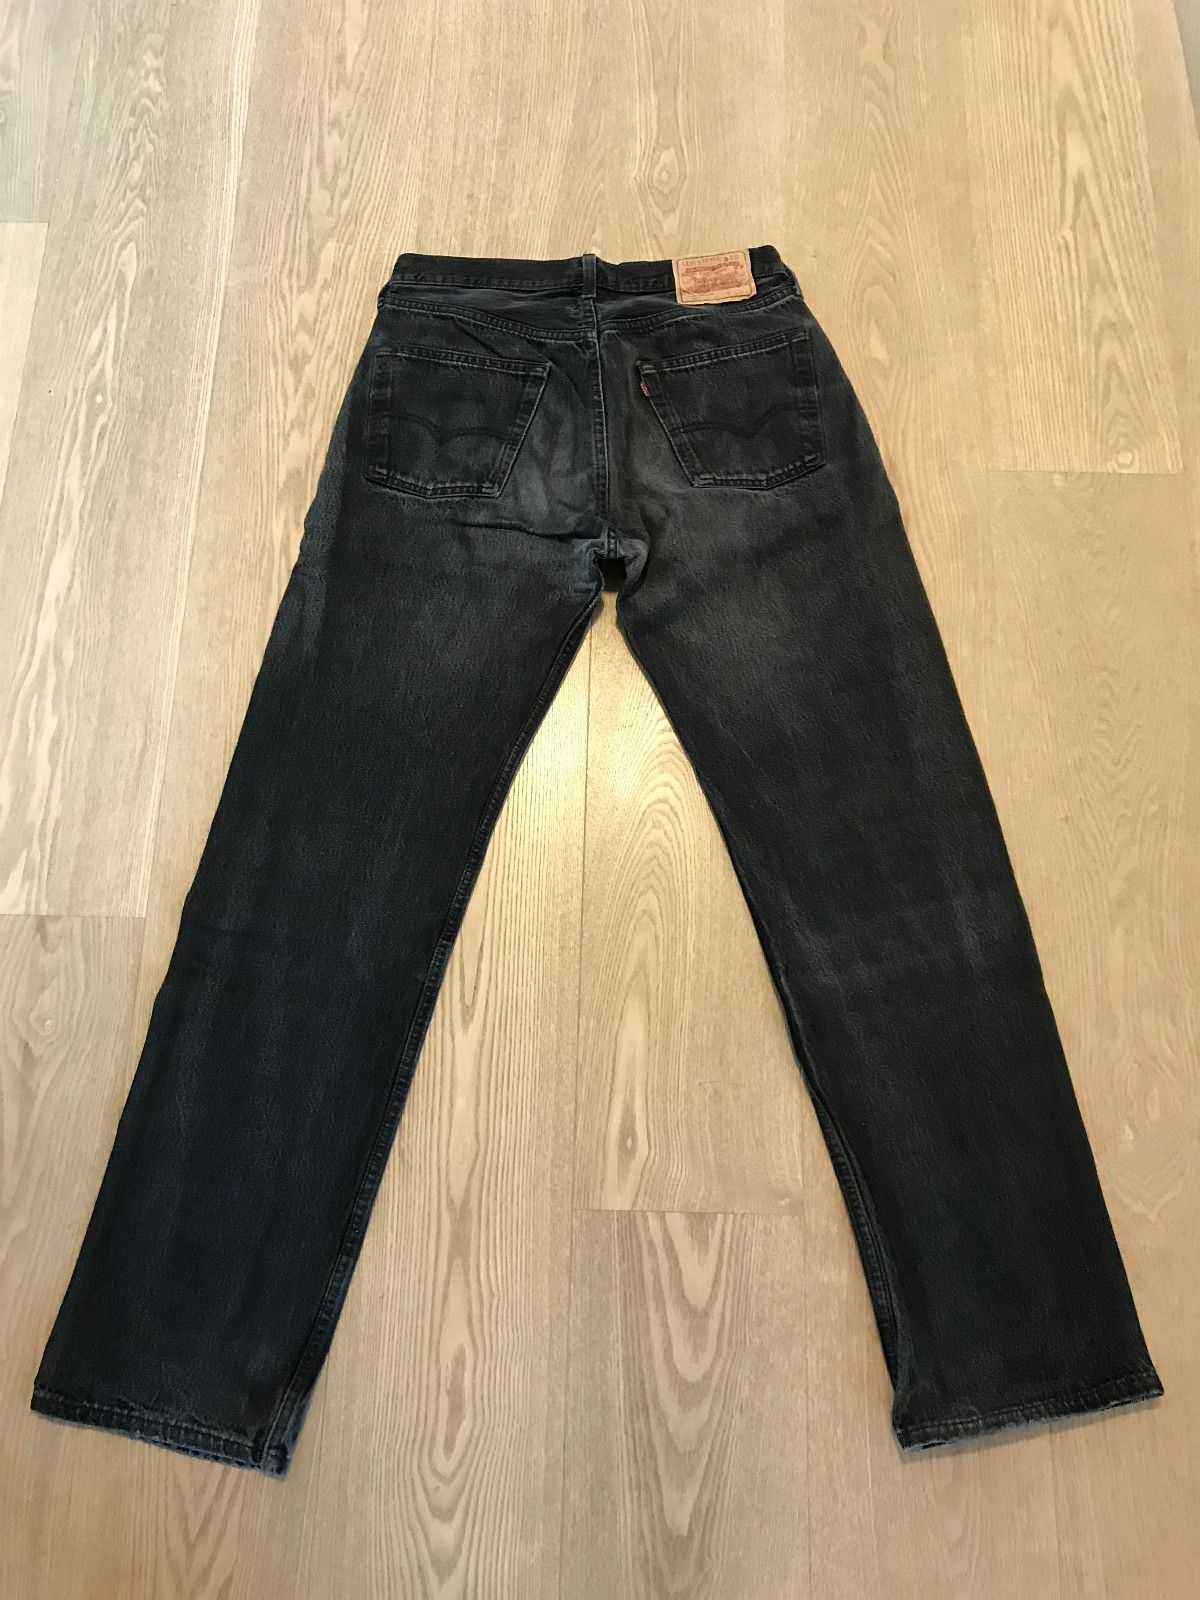 Supre vintage Levis 501 olabukser blå og sort jeans str 34